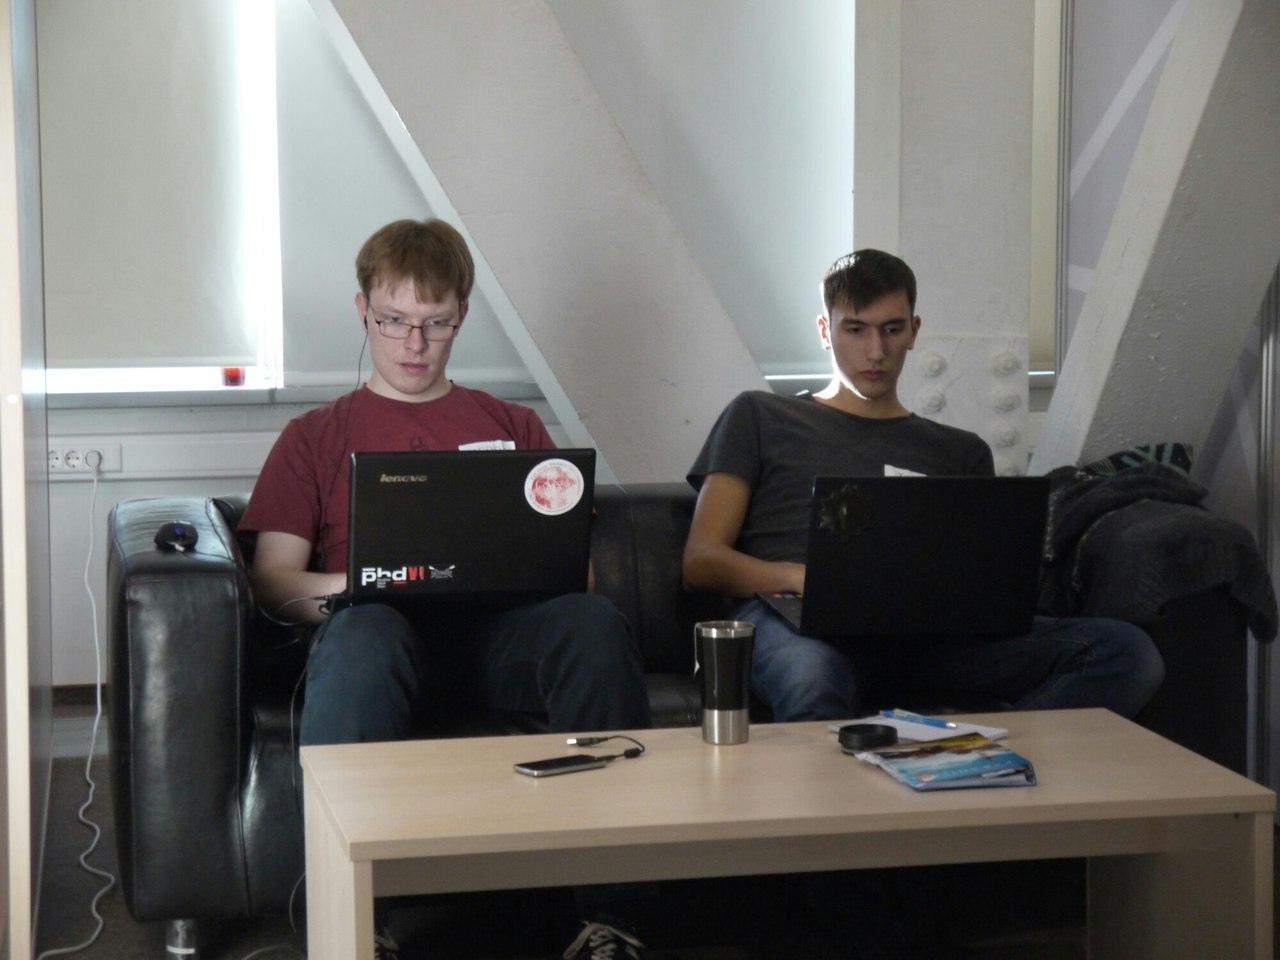 Так выглядят весёлые программисты, да! Нам весело!